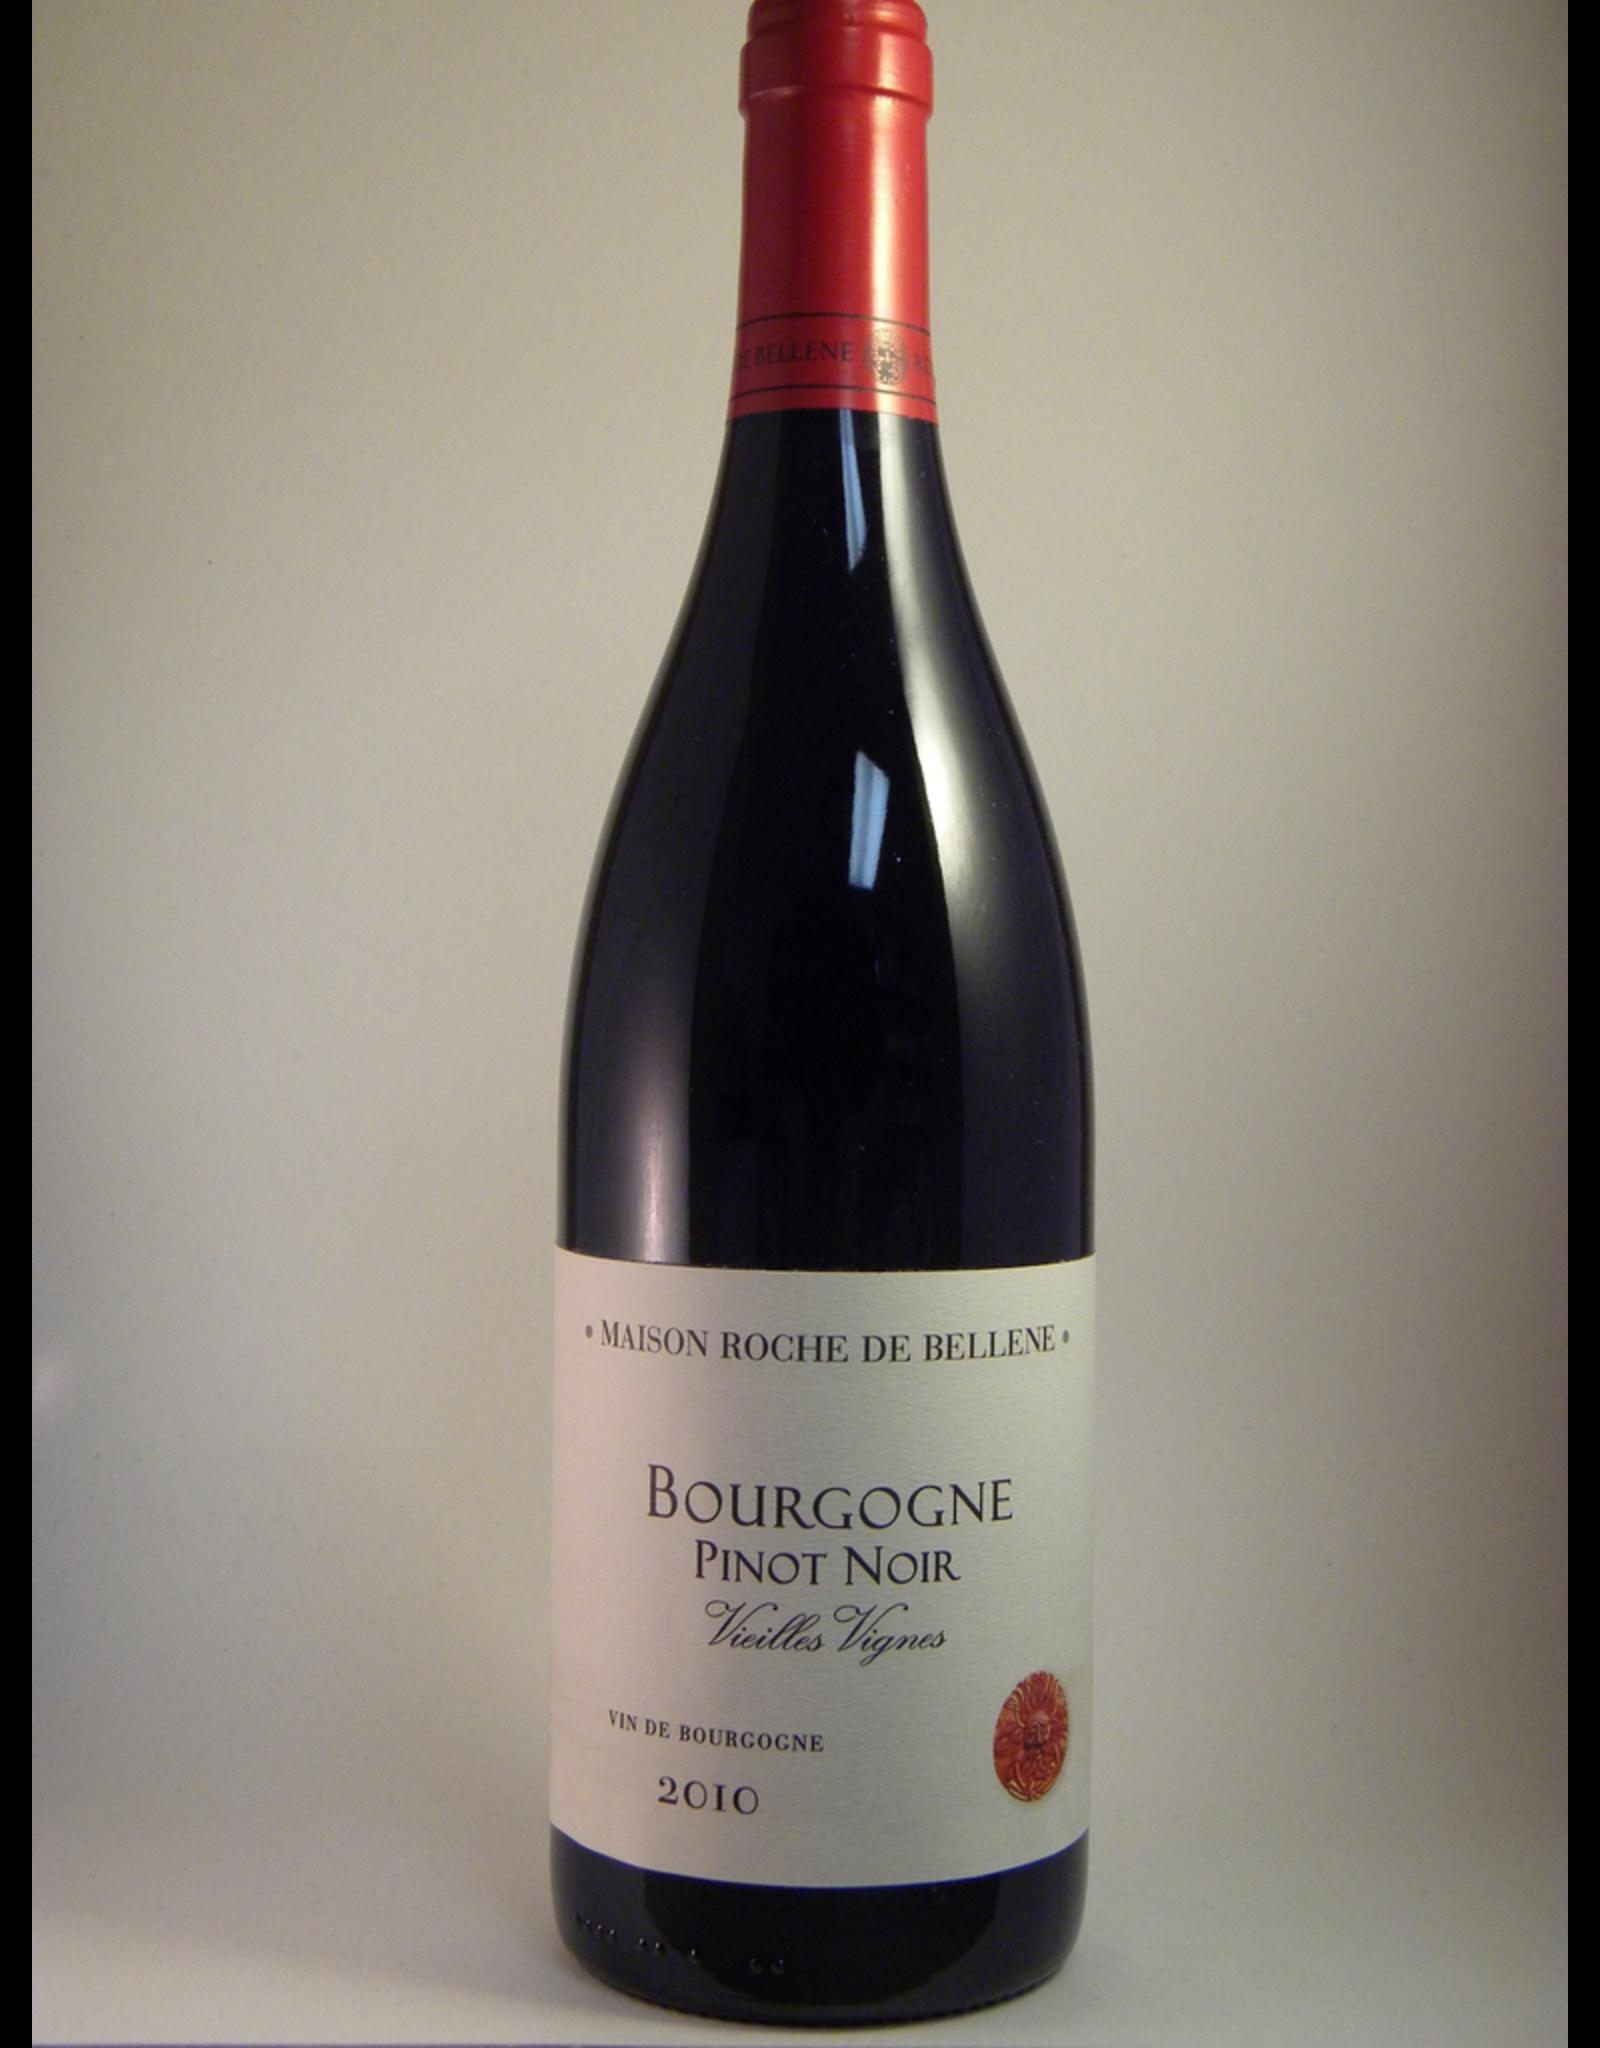 Roche de Bellene Maison Roche de Bellene Bourgogne Rouge Vieilles Vignes 2018